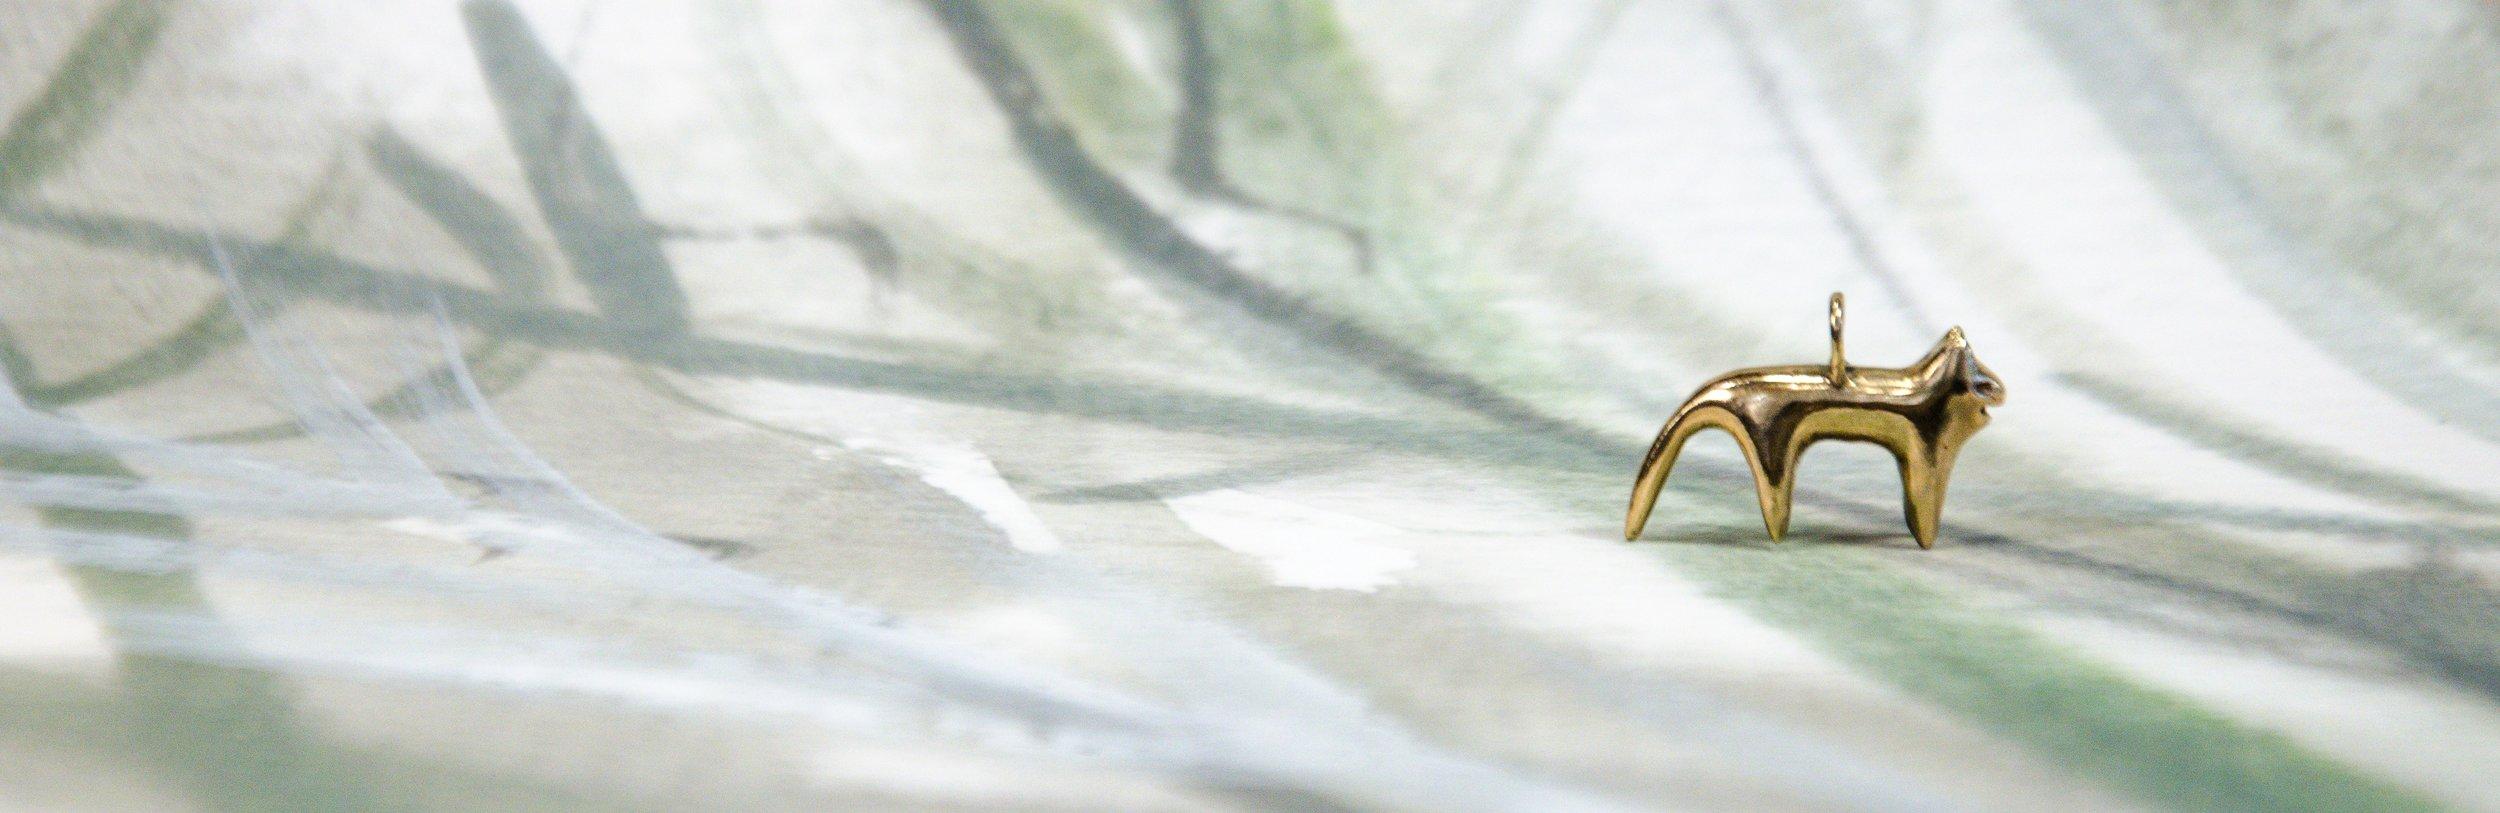 MIKINORA-52cropped.jpg